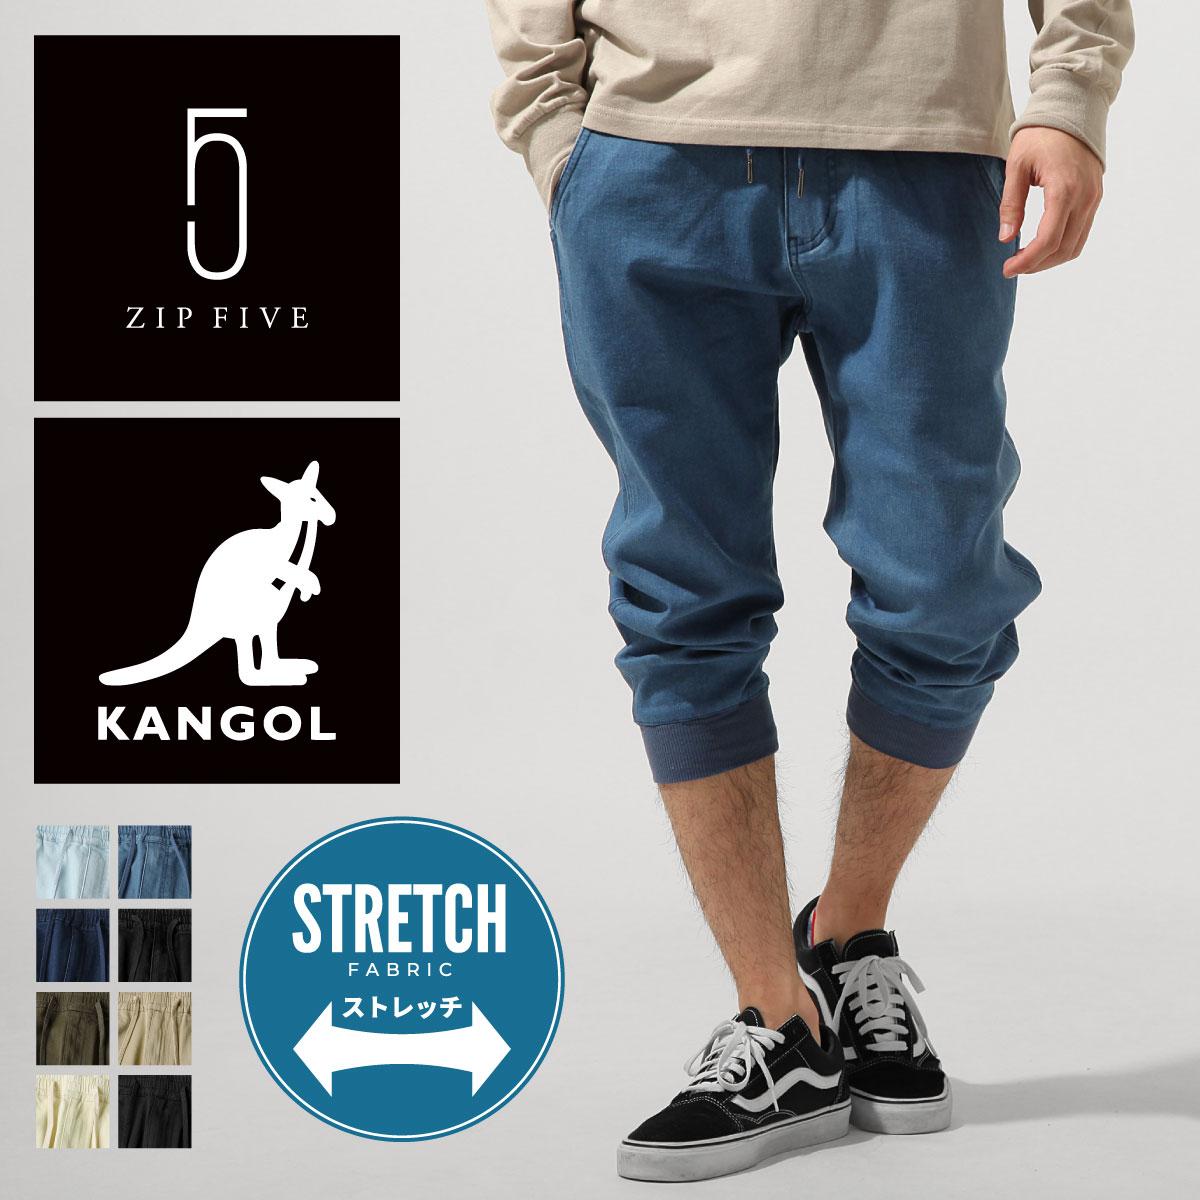 【New】KANGOL 七分縮口褲 0